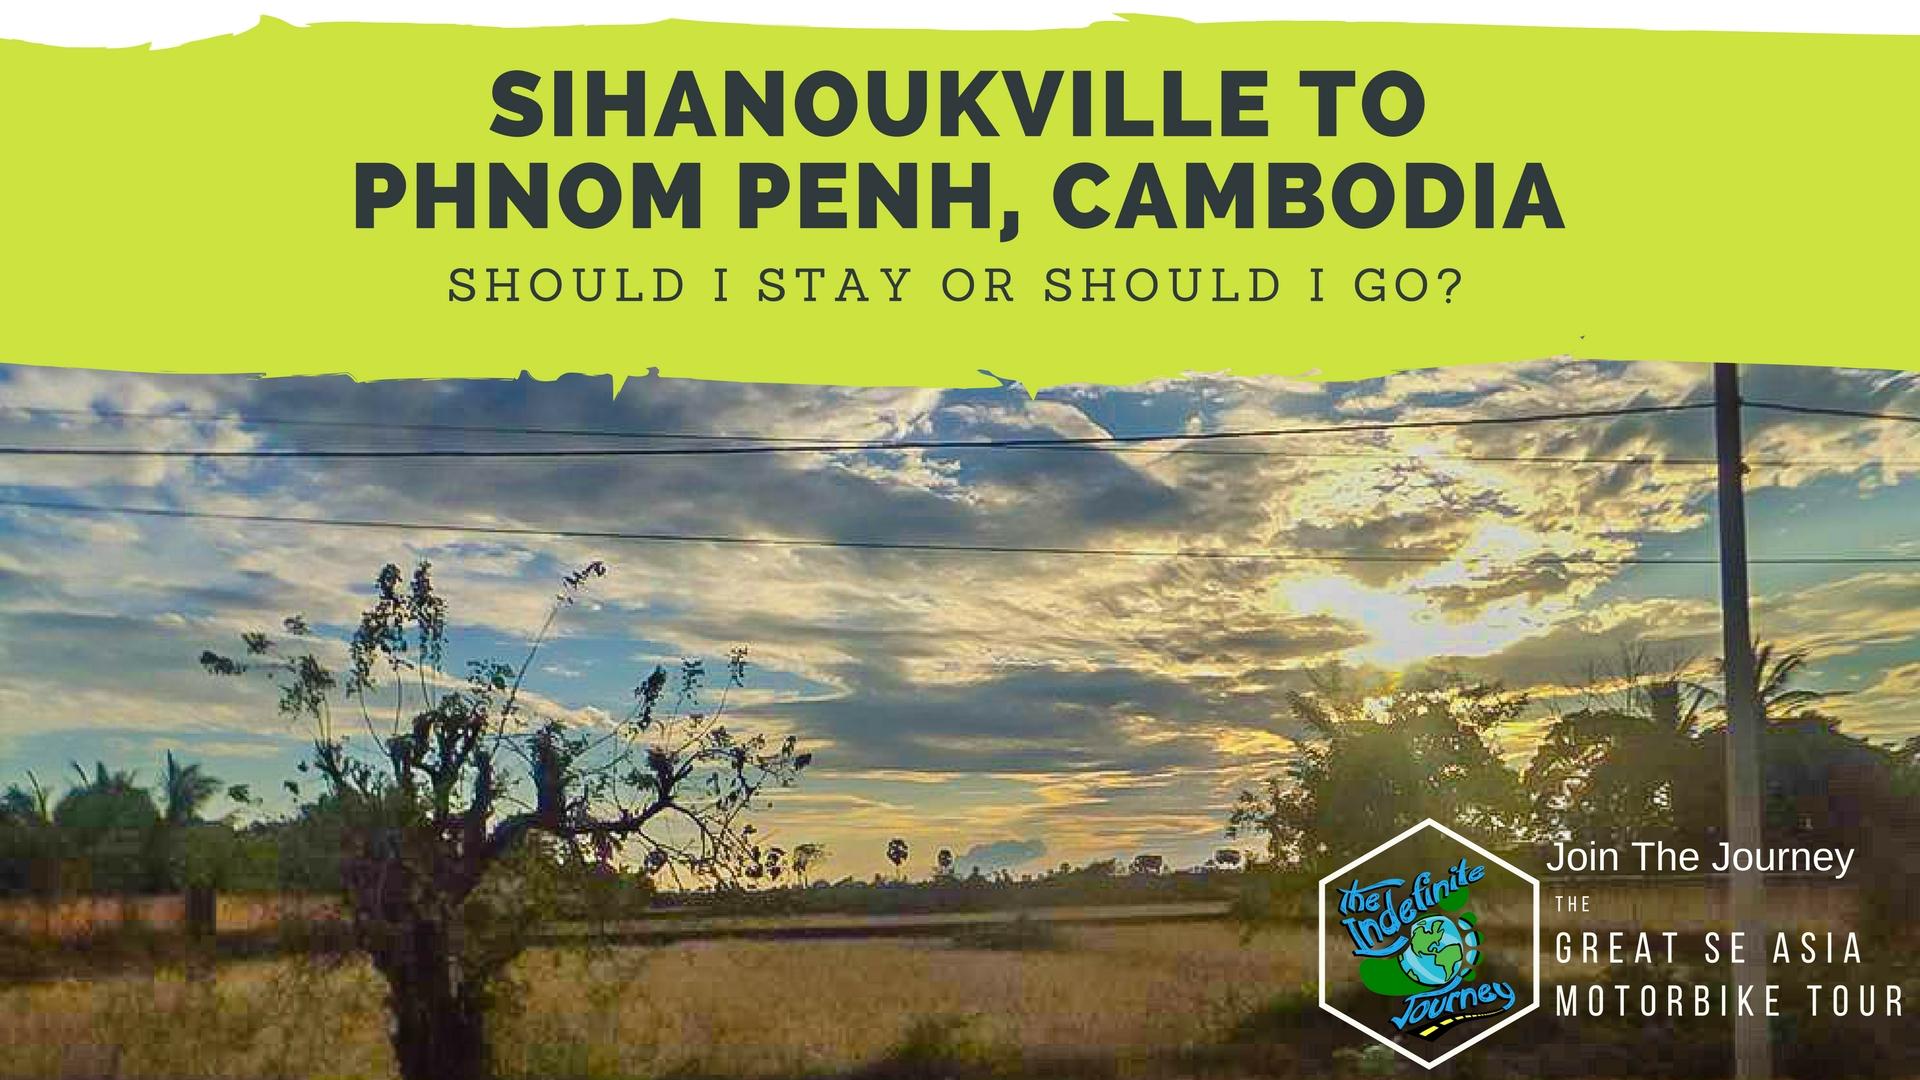 Sihanoukville to Phnom Penh, Cambodia - Should I Stay or Should I Go_